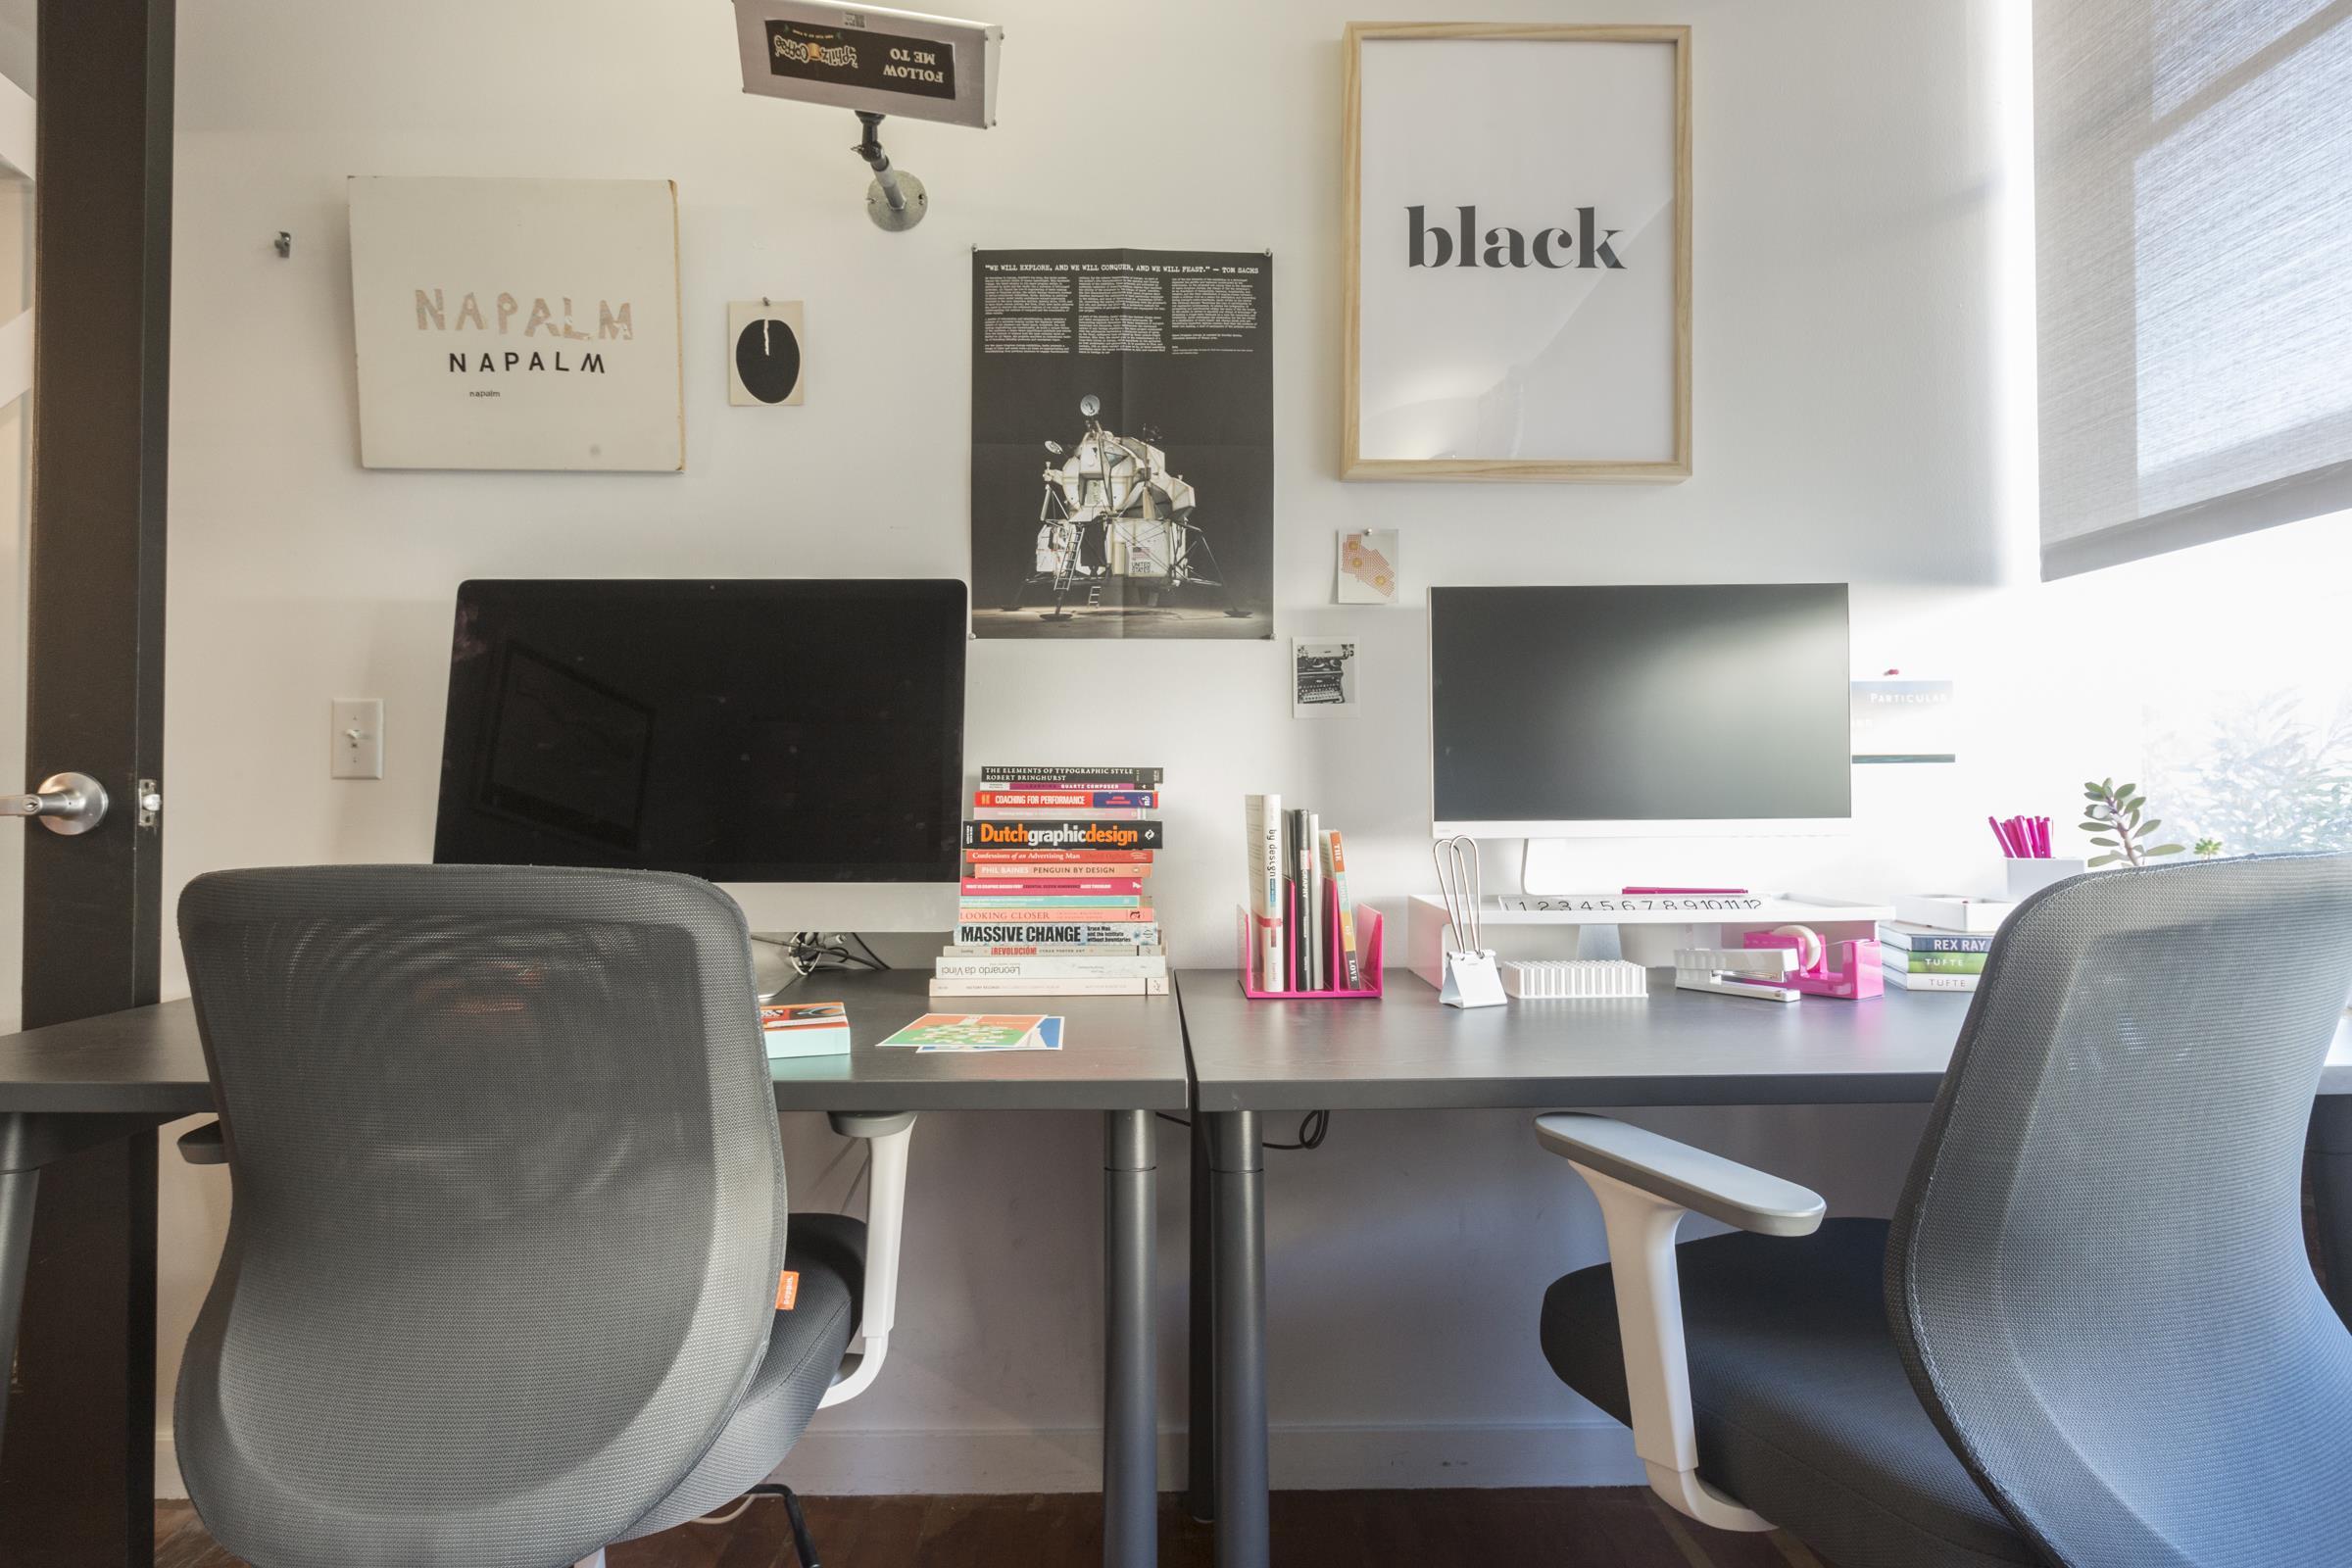 PARISOMA - Office 4 - Capacity 3